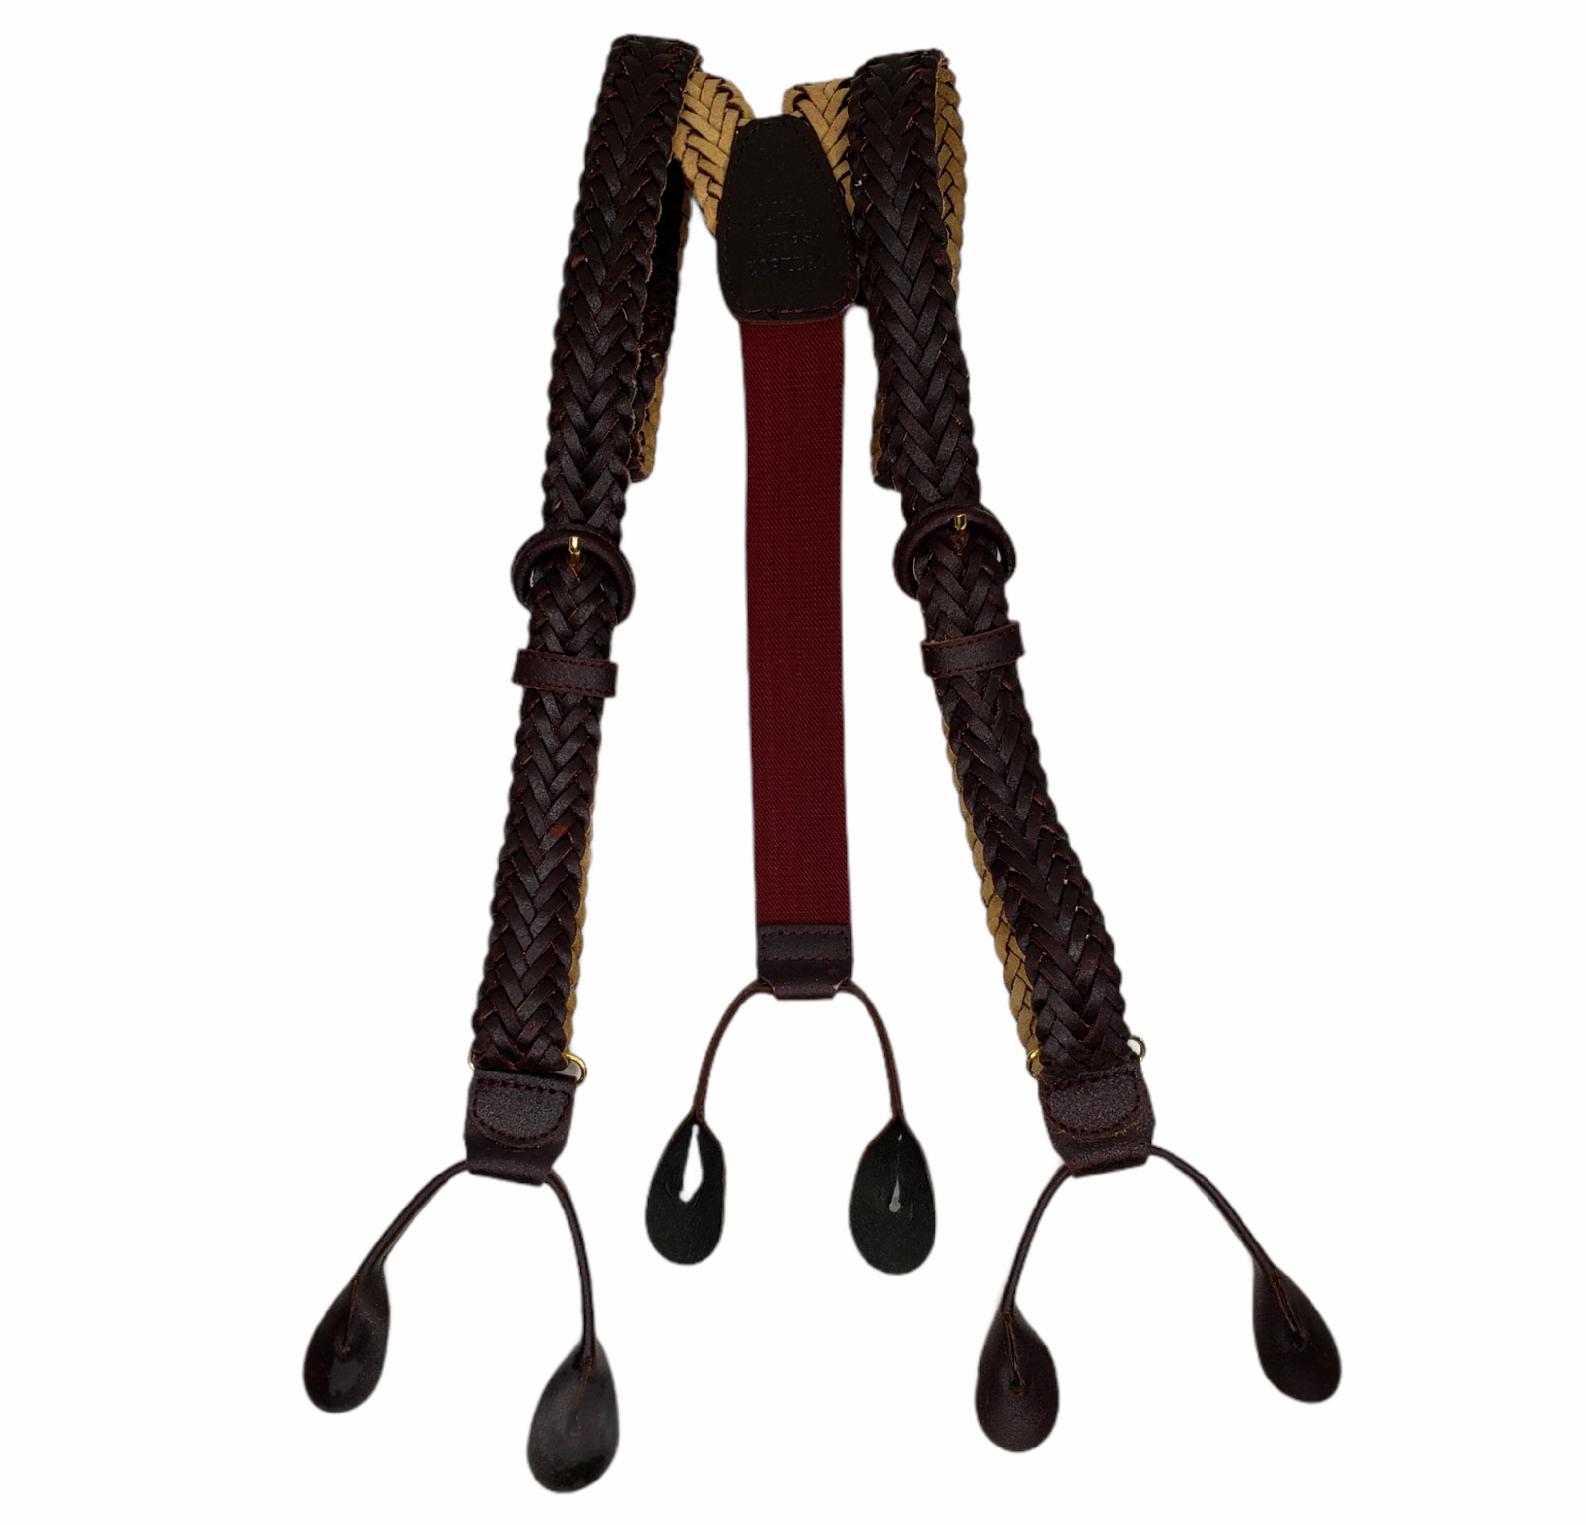 Brown Leather Suspenders Braided Braces Maroon Elastic Adjustable